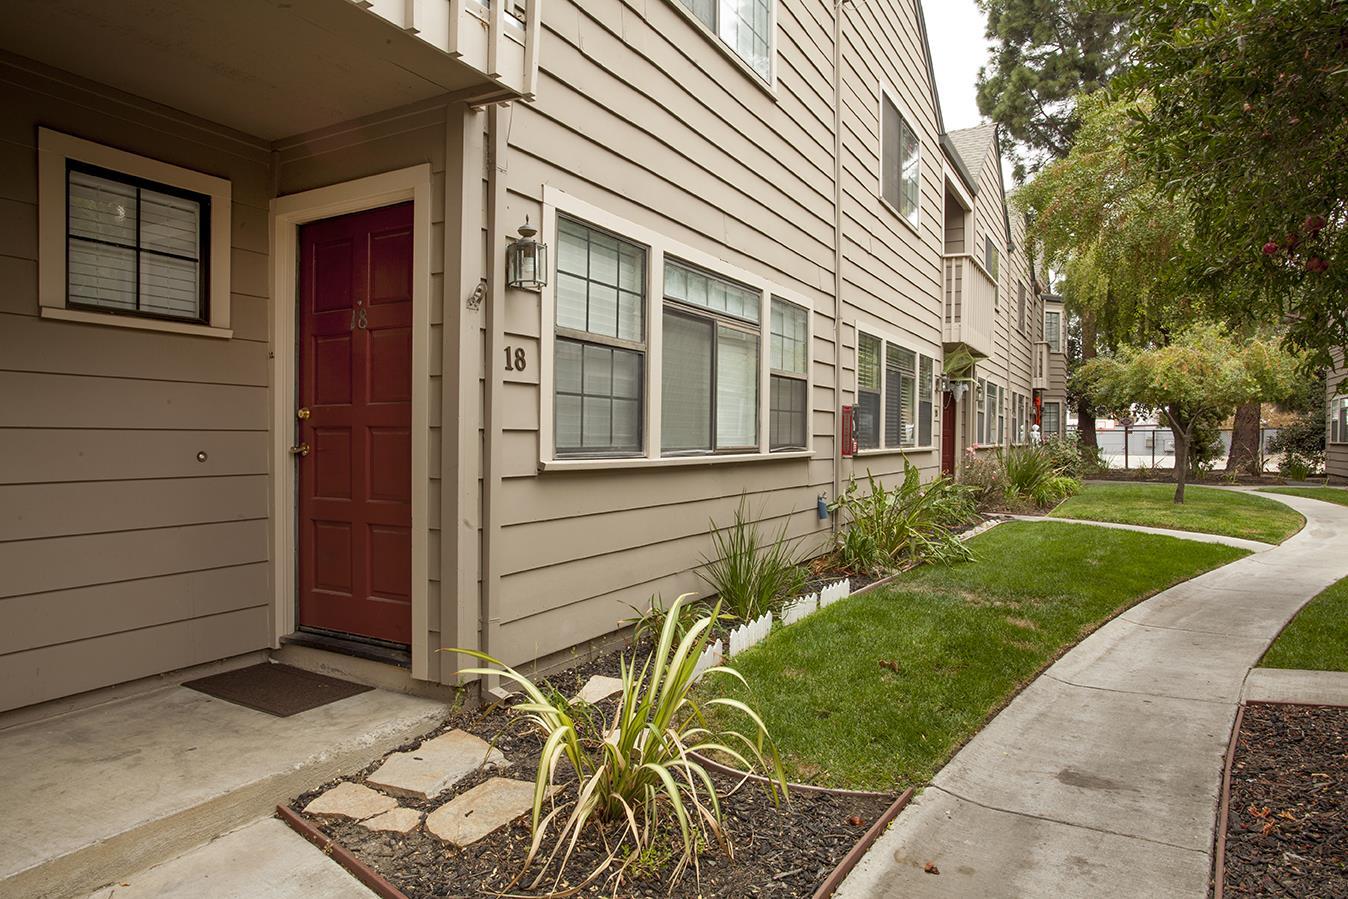 Casa unifamiliar adosada (Townhouse) por un Venta en 160 Gibson Drive 160 Gibson Drive Hollister, California 95023 Estados Unidos